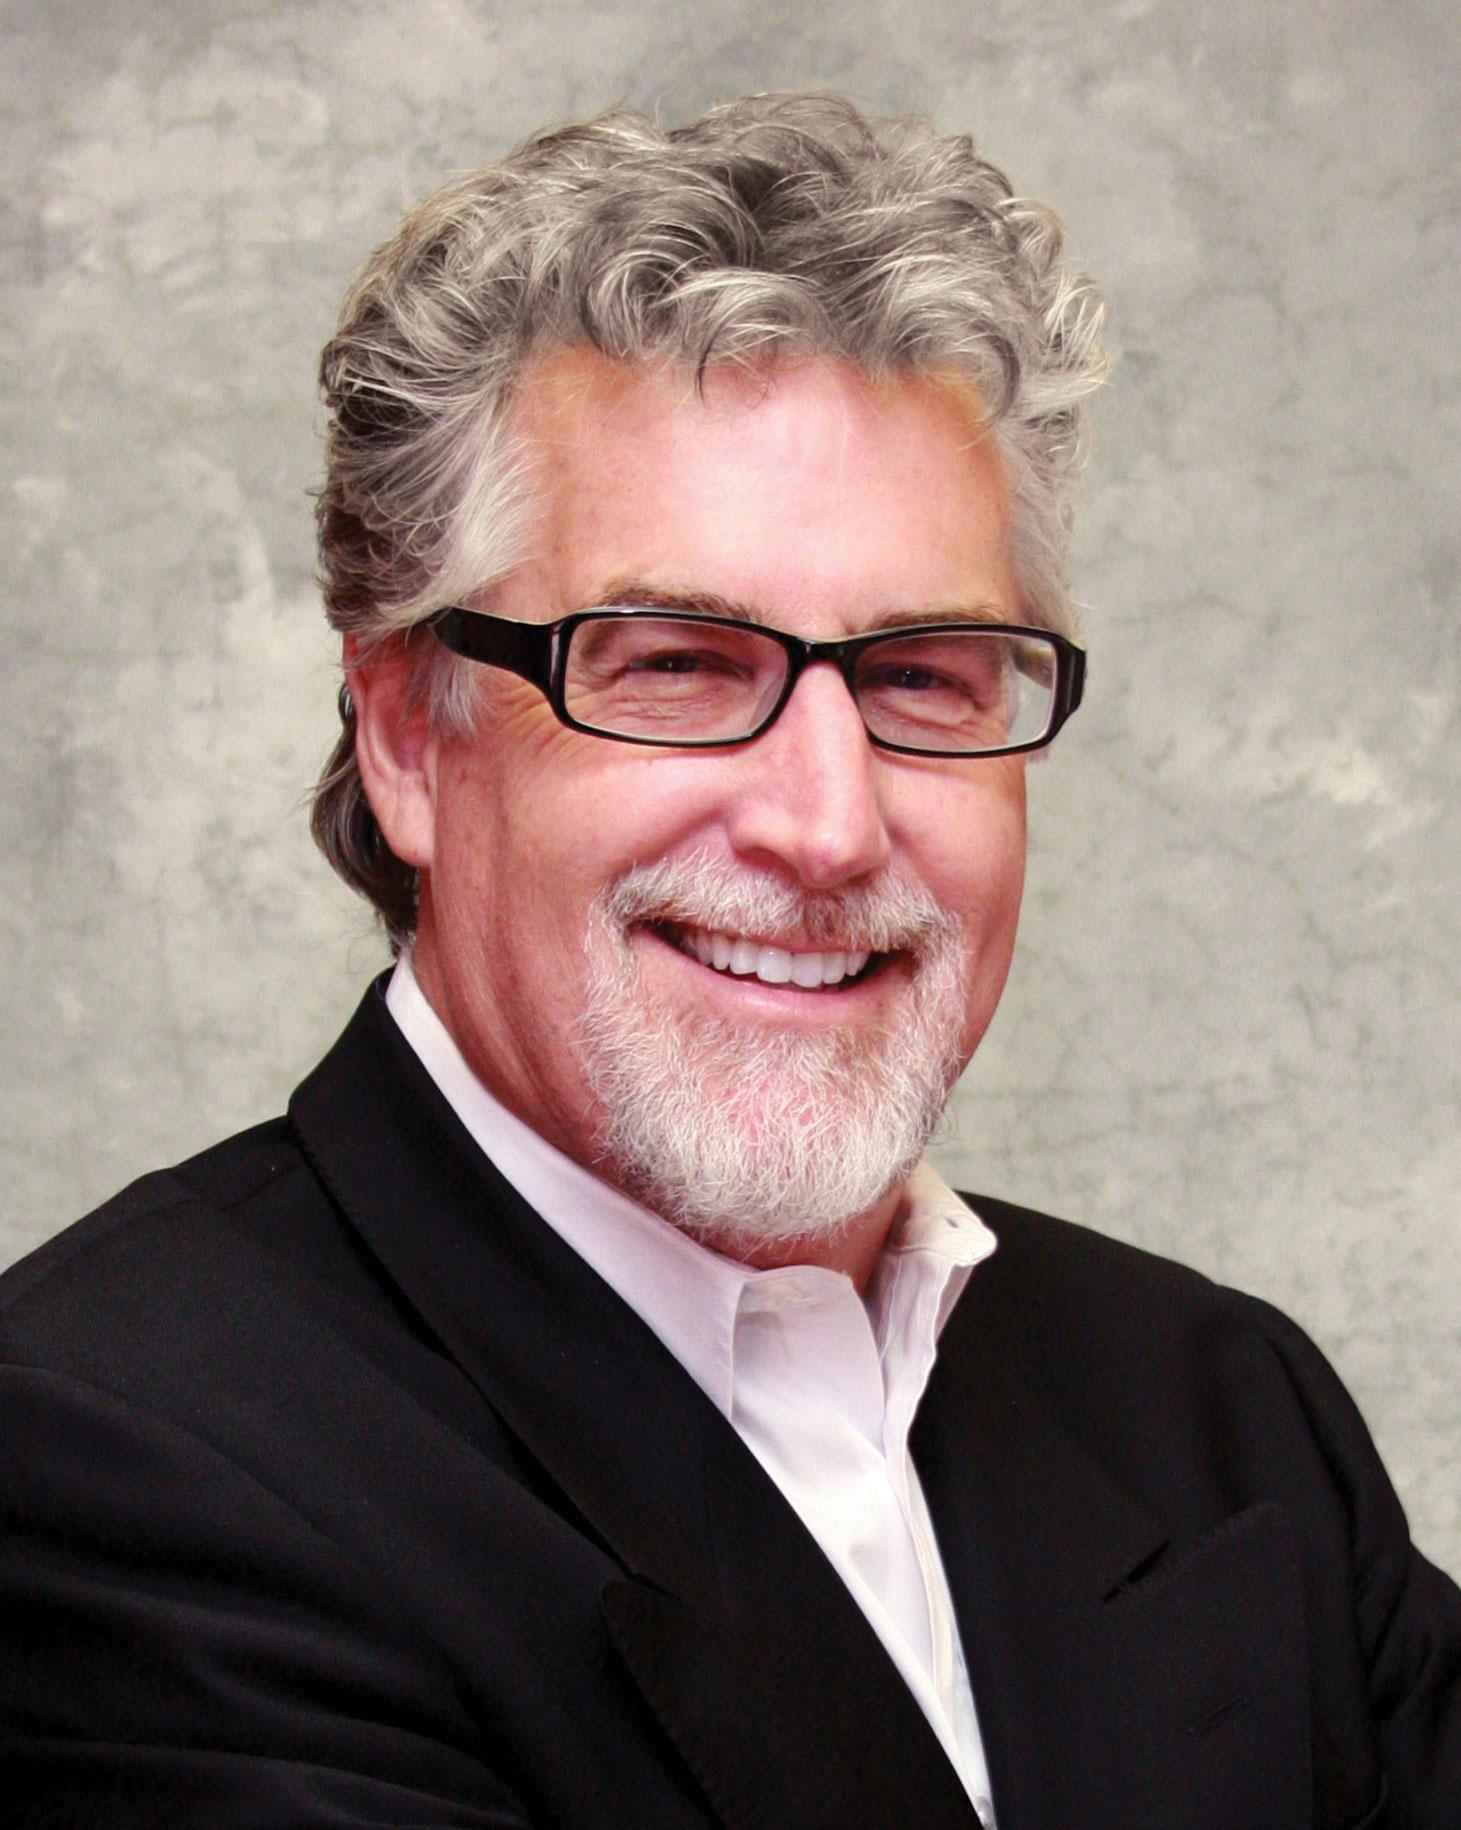 Podnikání: Stephen Key radí 7 cest, jak vyhrát každý argument